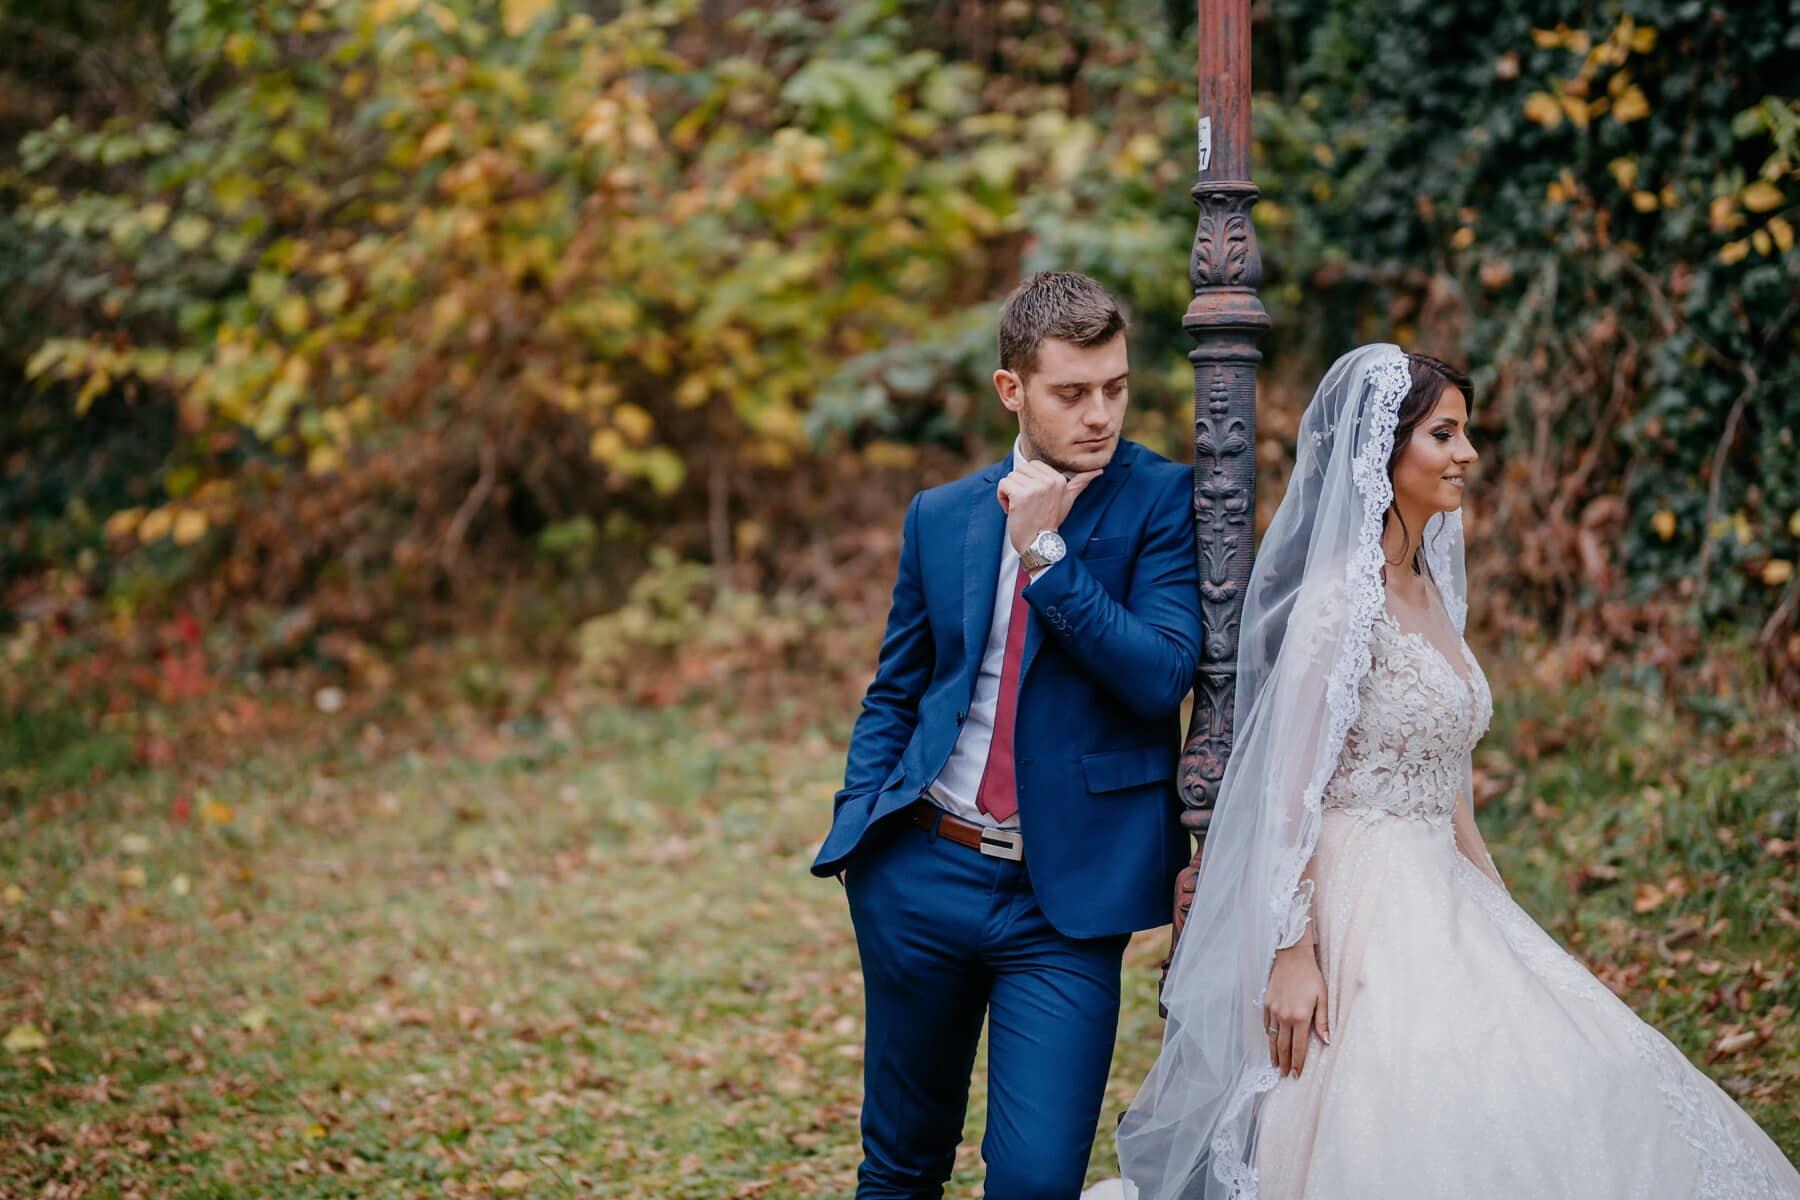 gelin, damat, ayakta, Düğün, beyefendi, düğün elbisesi, aşk, evlilik, Çift, kız